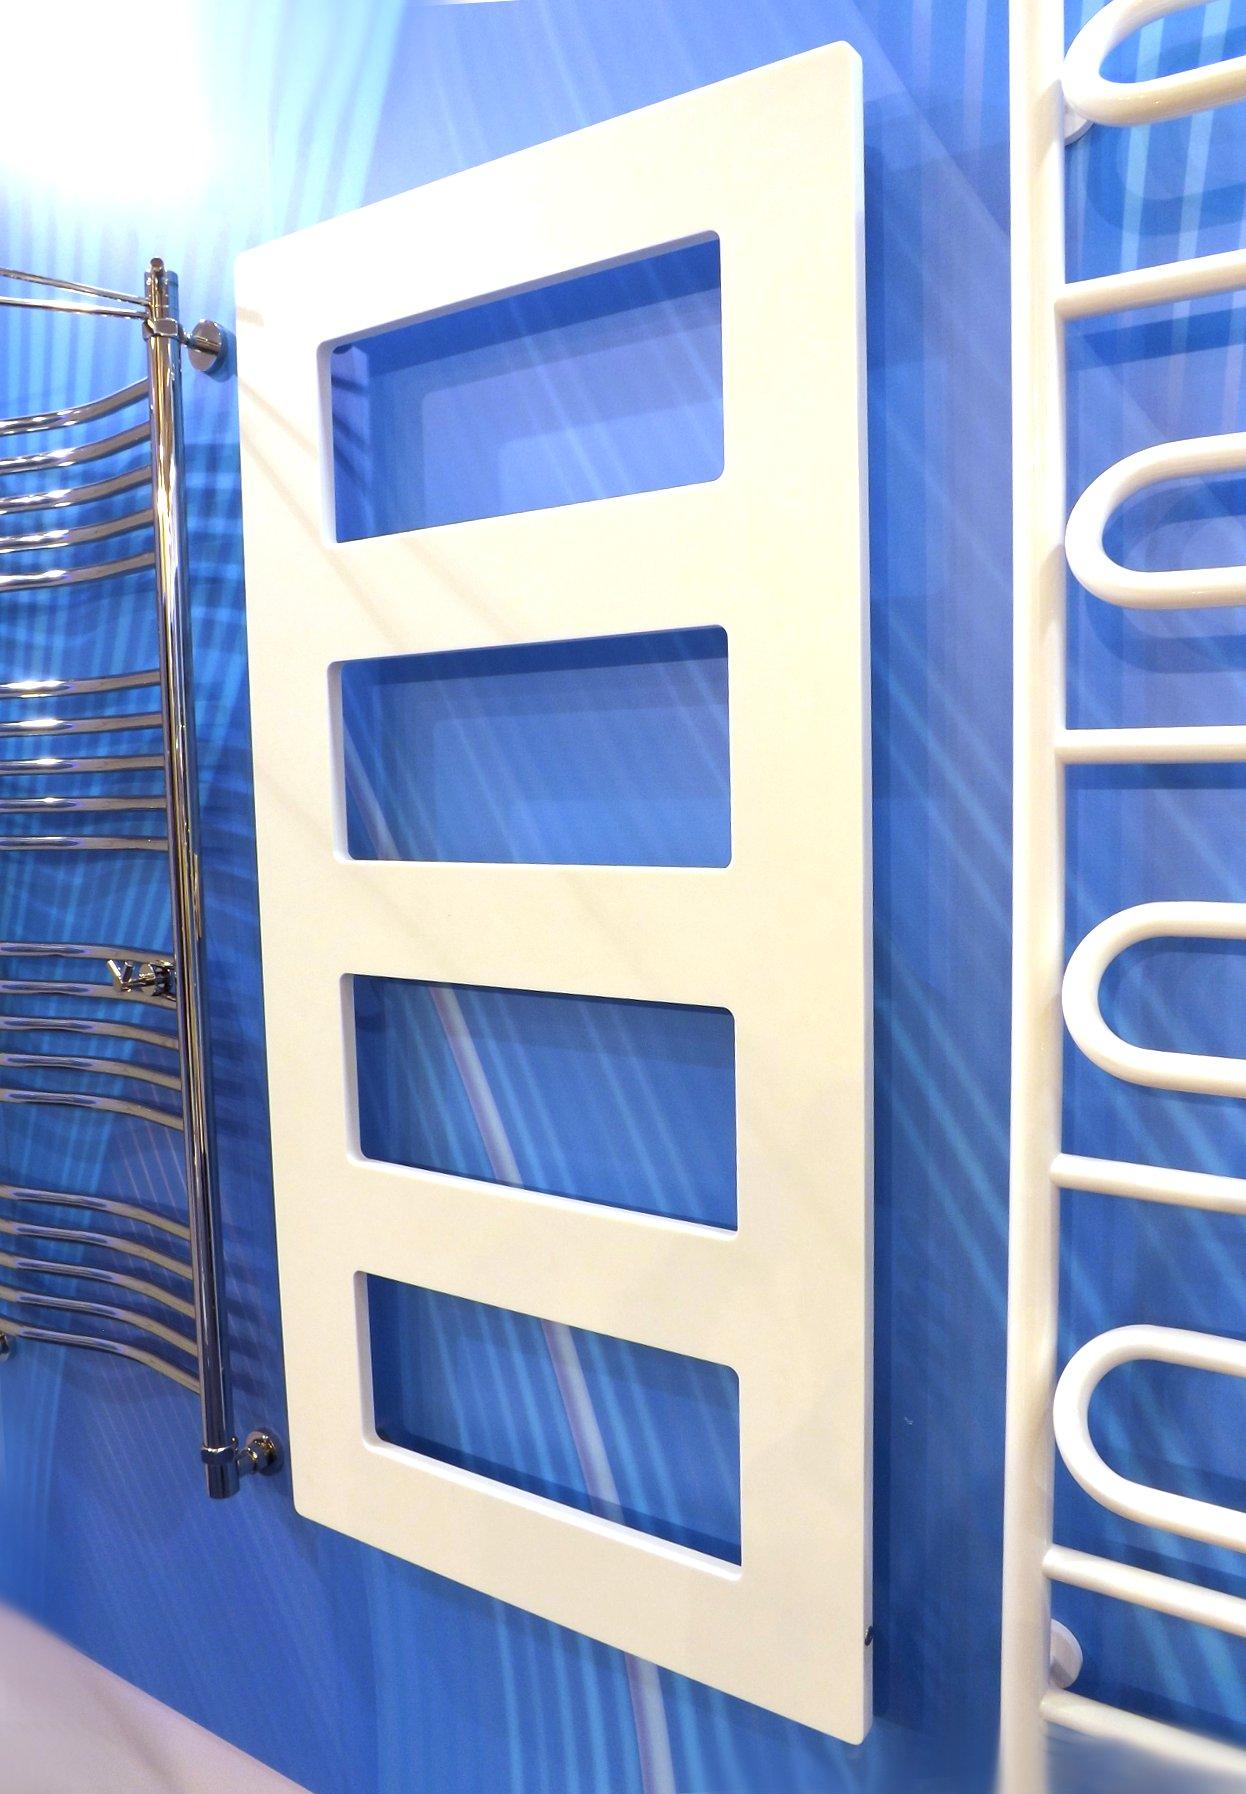 Модные тренды сантехники и аксессуаров для ванной 2016: полотенцесушители на экспозиции от Сунержа во время выставки MosBuild